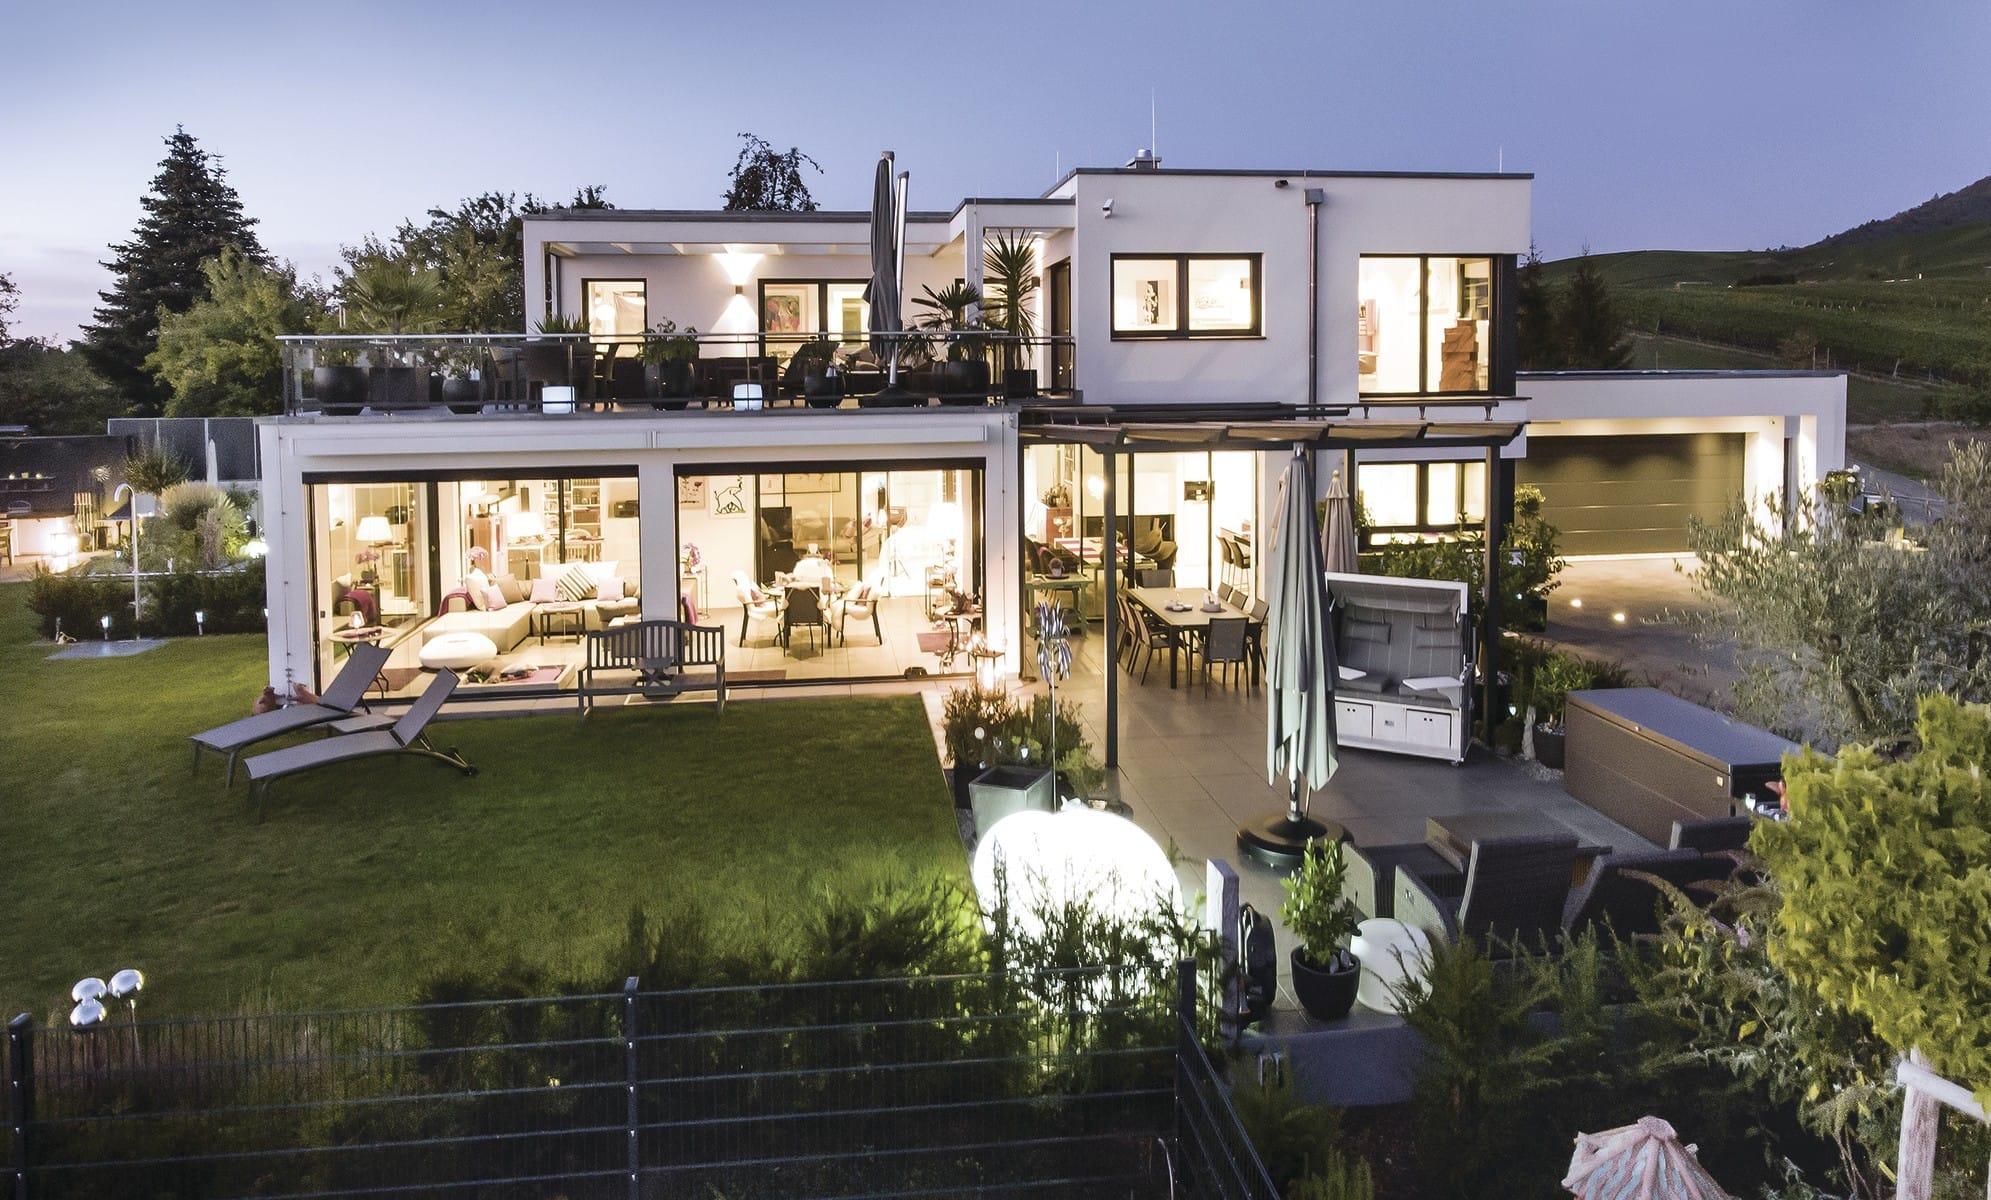 Modernes Luxus Haus mit Garage & Flachdach im Bauhausstil bauen - Einfamilienhaus Ideen WeberHaus Fertighaus - HausbauDirekt.de